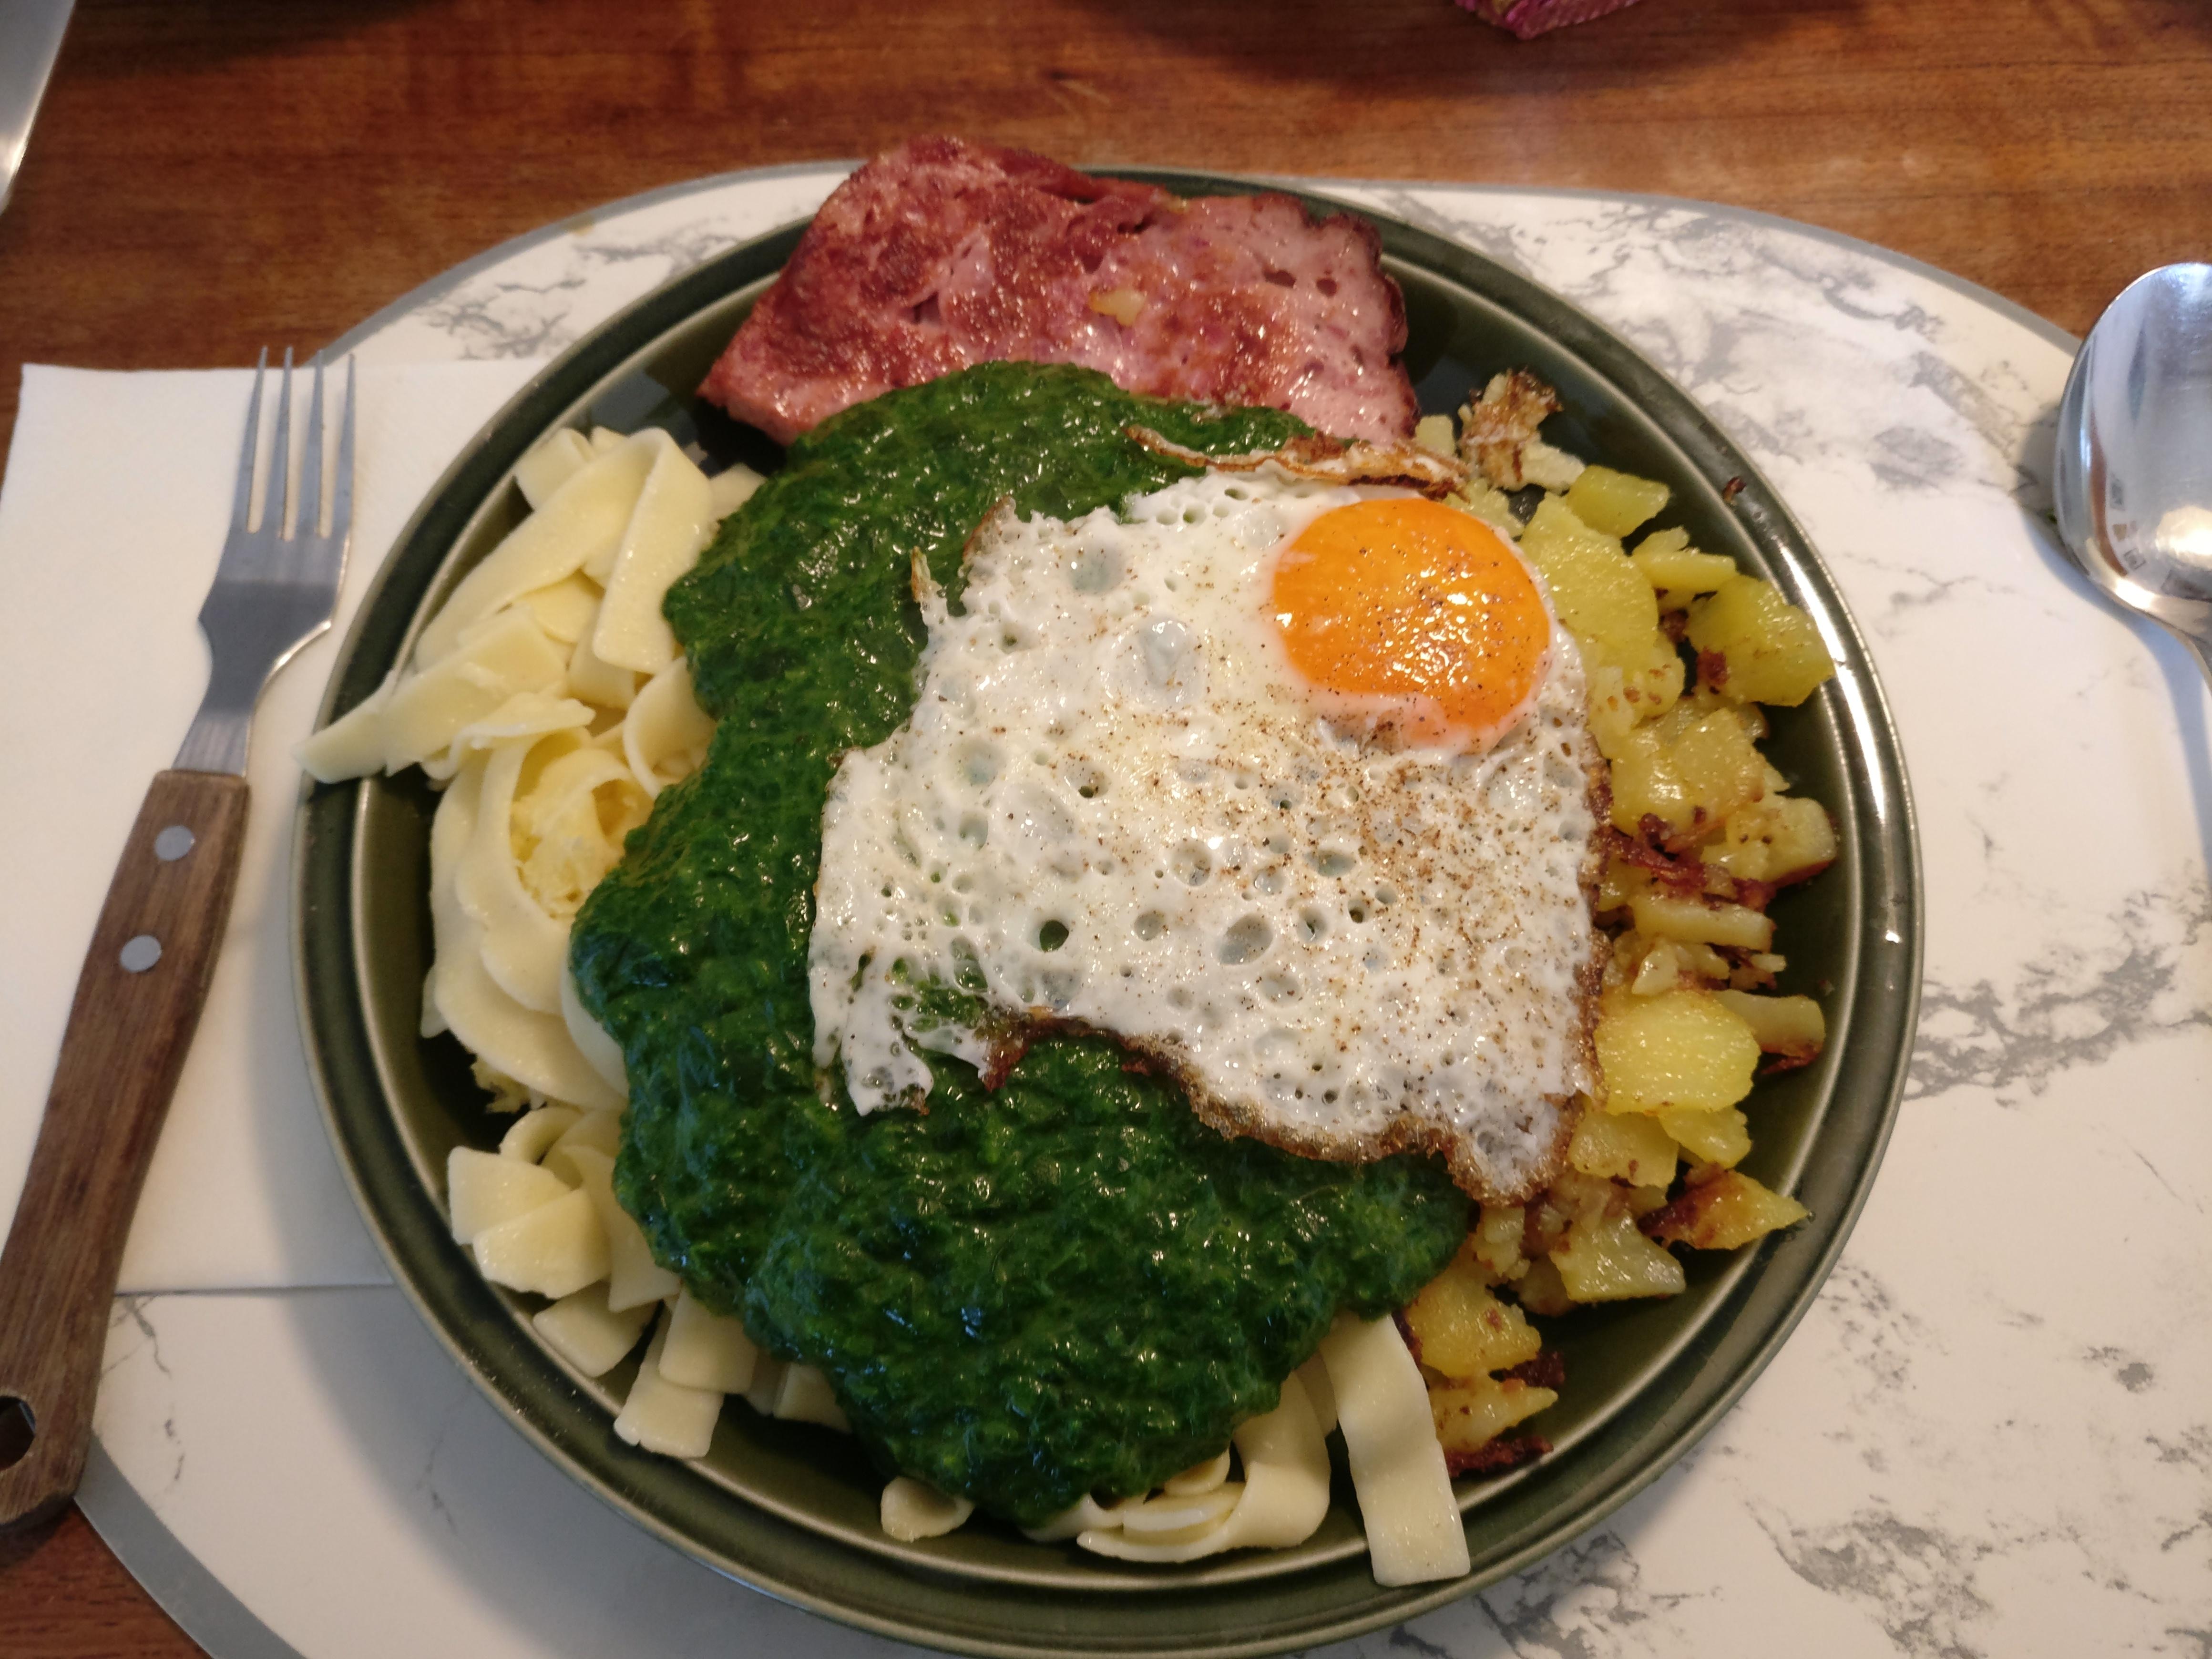 http://foodloader.net/nico_2017-04-26_fleischkaese-spinat-nudeln-bratkartoffeln-spiegelei.jpg